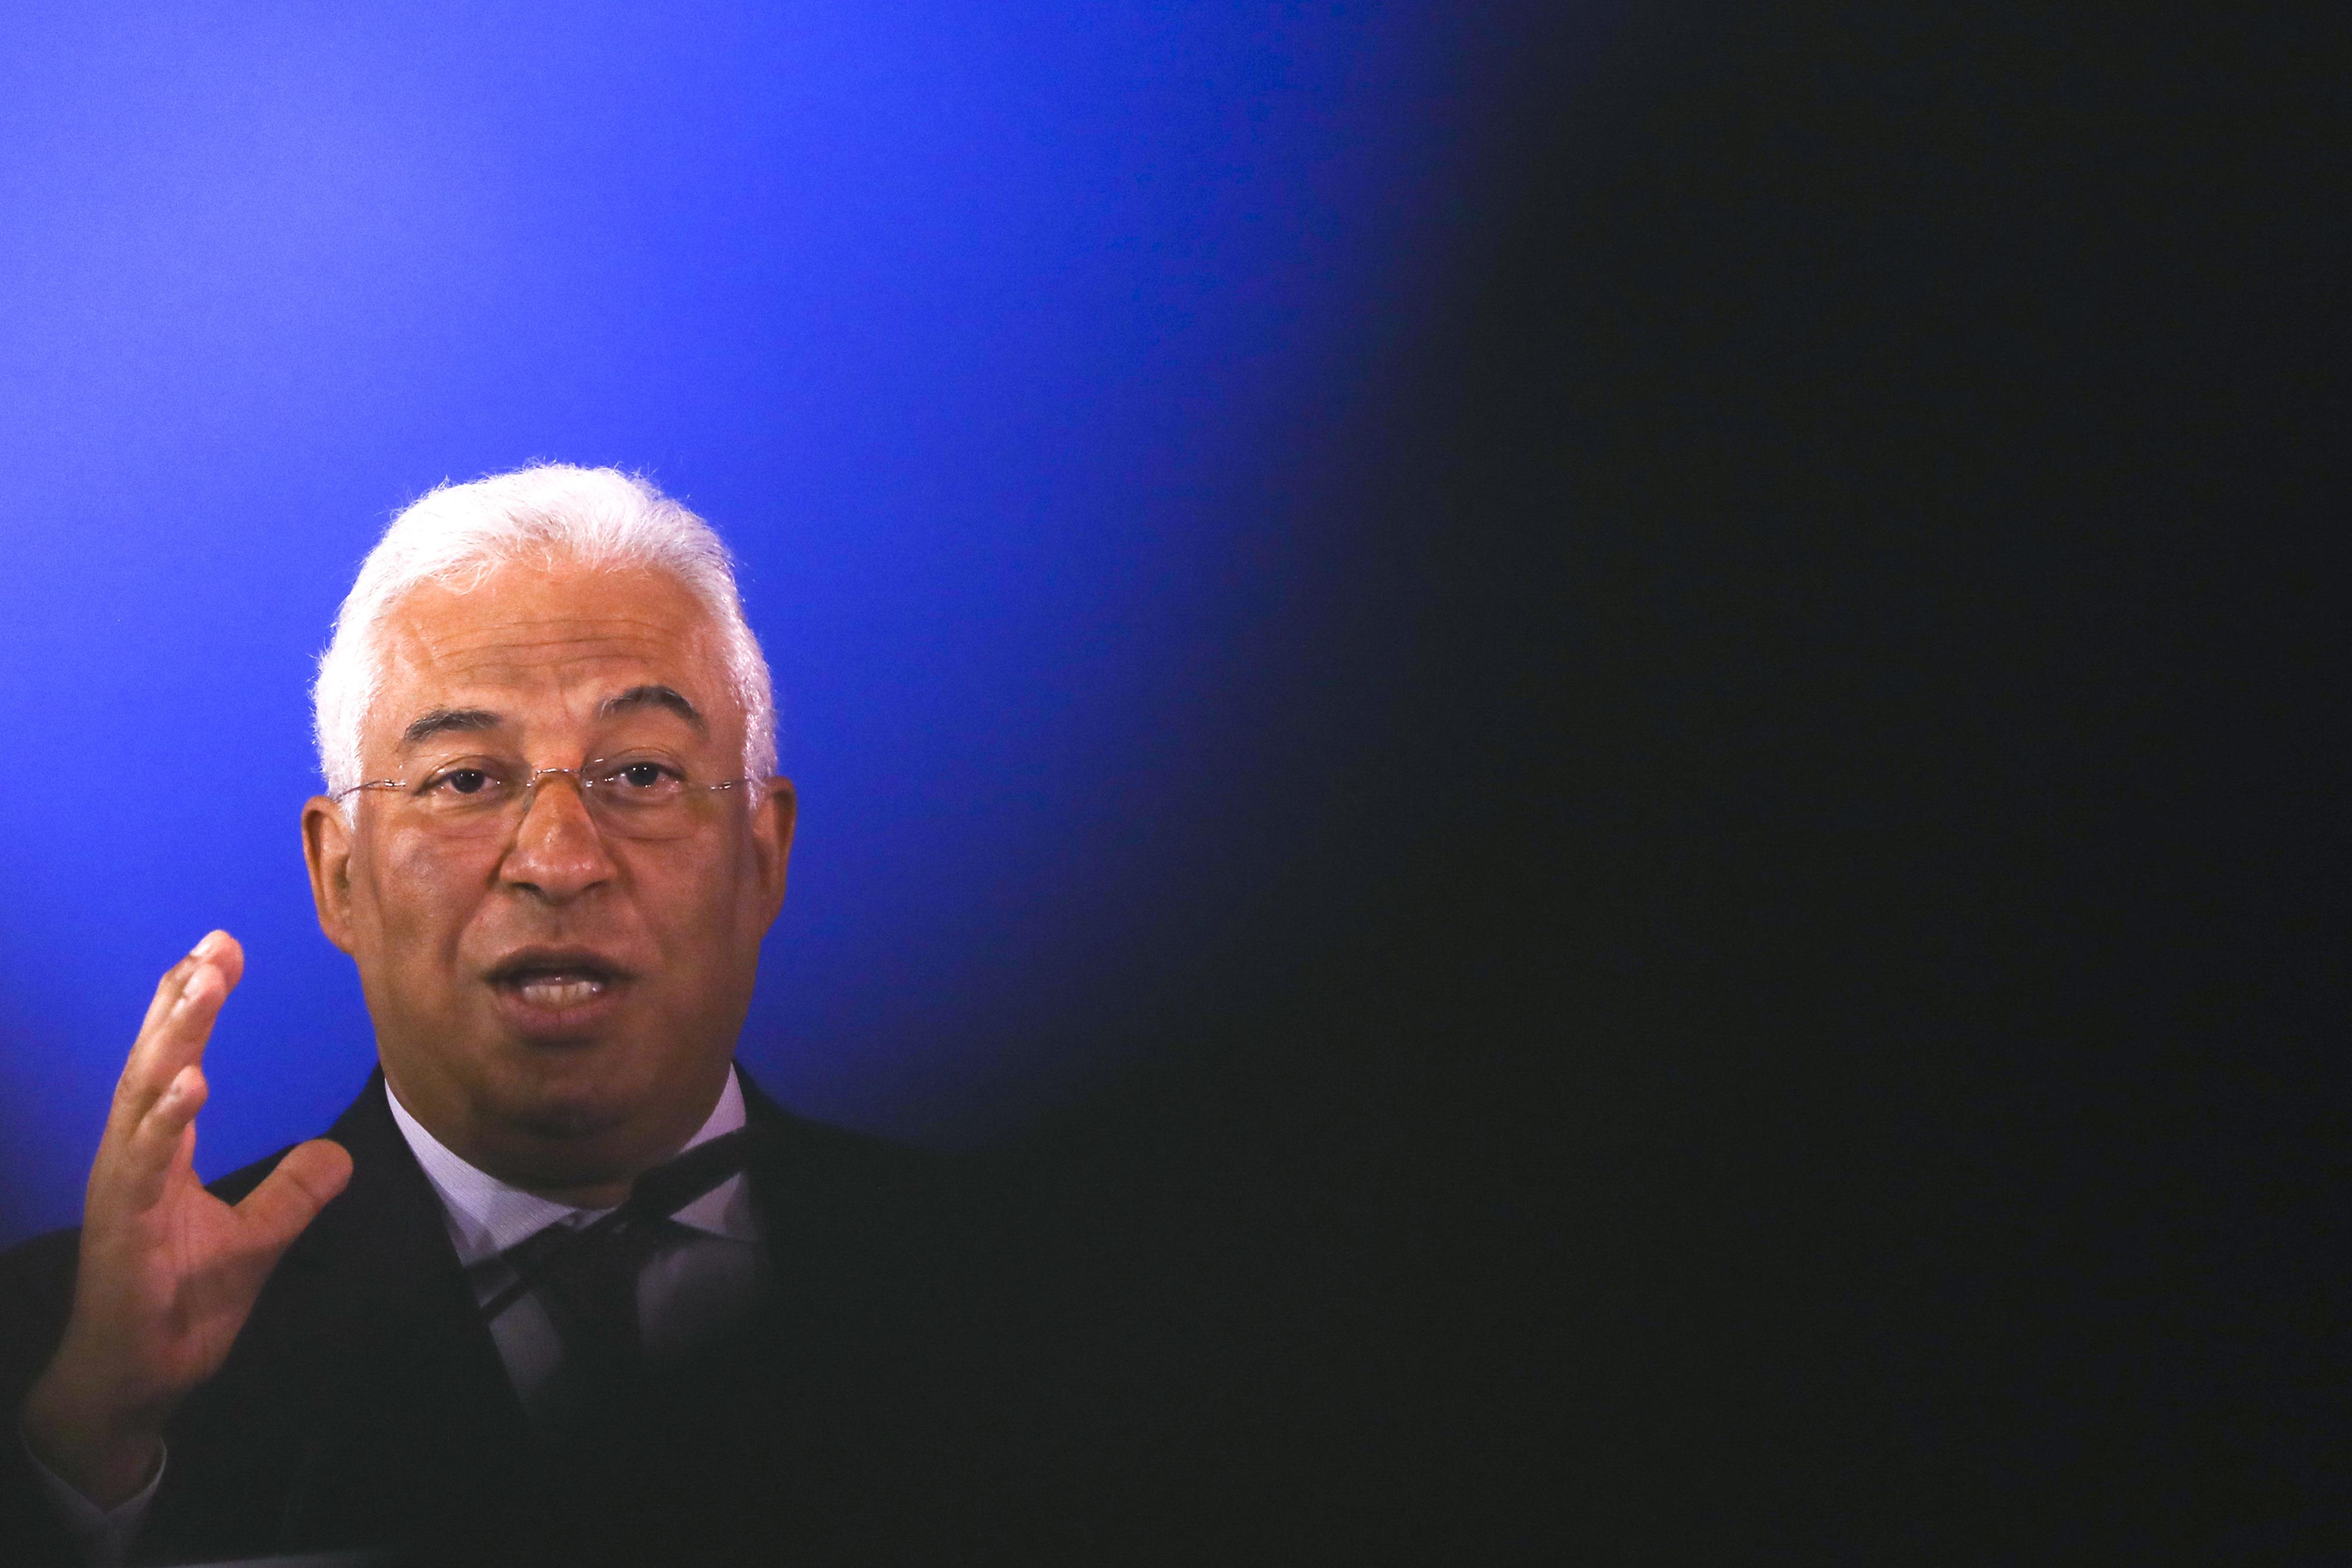 """Costa diz que se dá """"mais atenção à bizarria"""" numa alusão aos novos movimentos inorgânicos"""